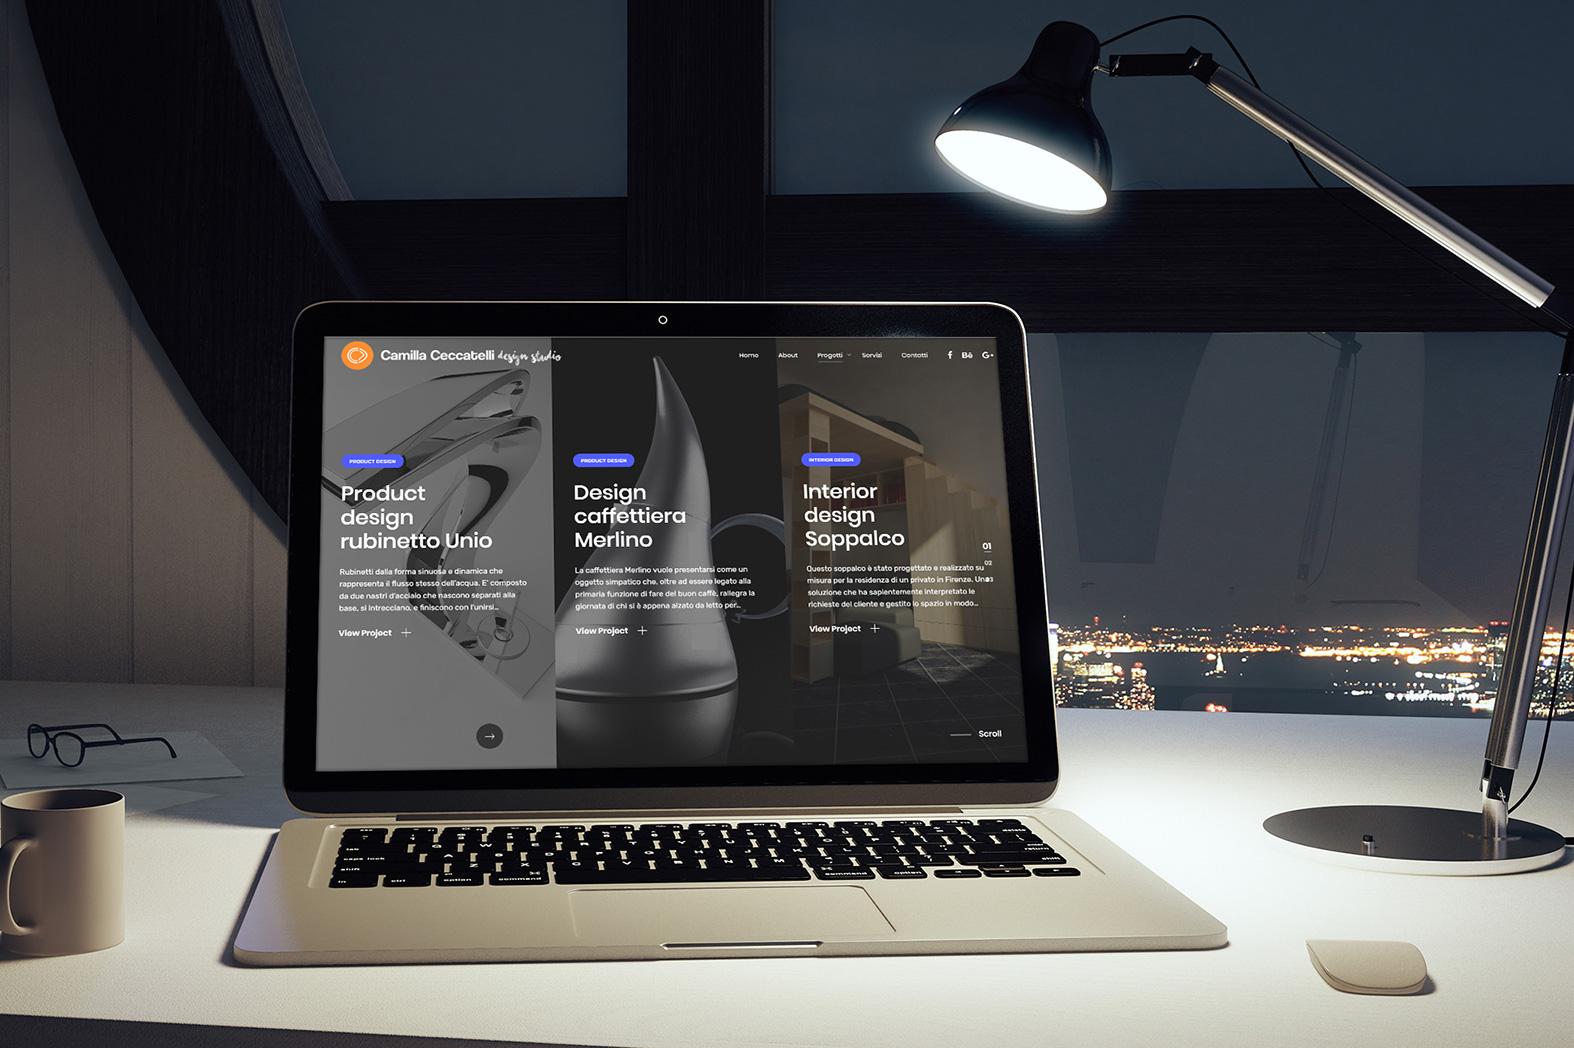 Web design e web develop Camilla Ceccatelli design studio - progettazione e sviluppo di un portfolio digitale a layout responsive